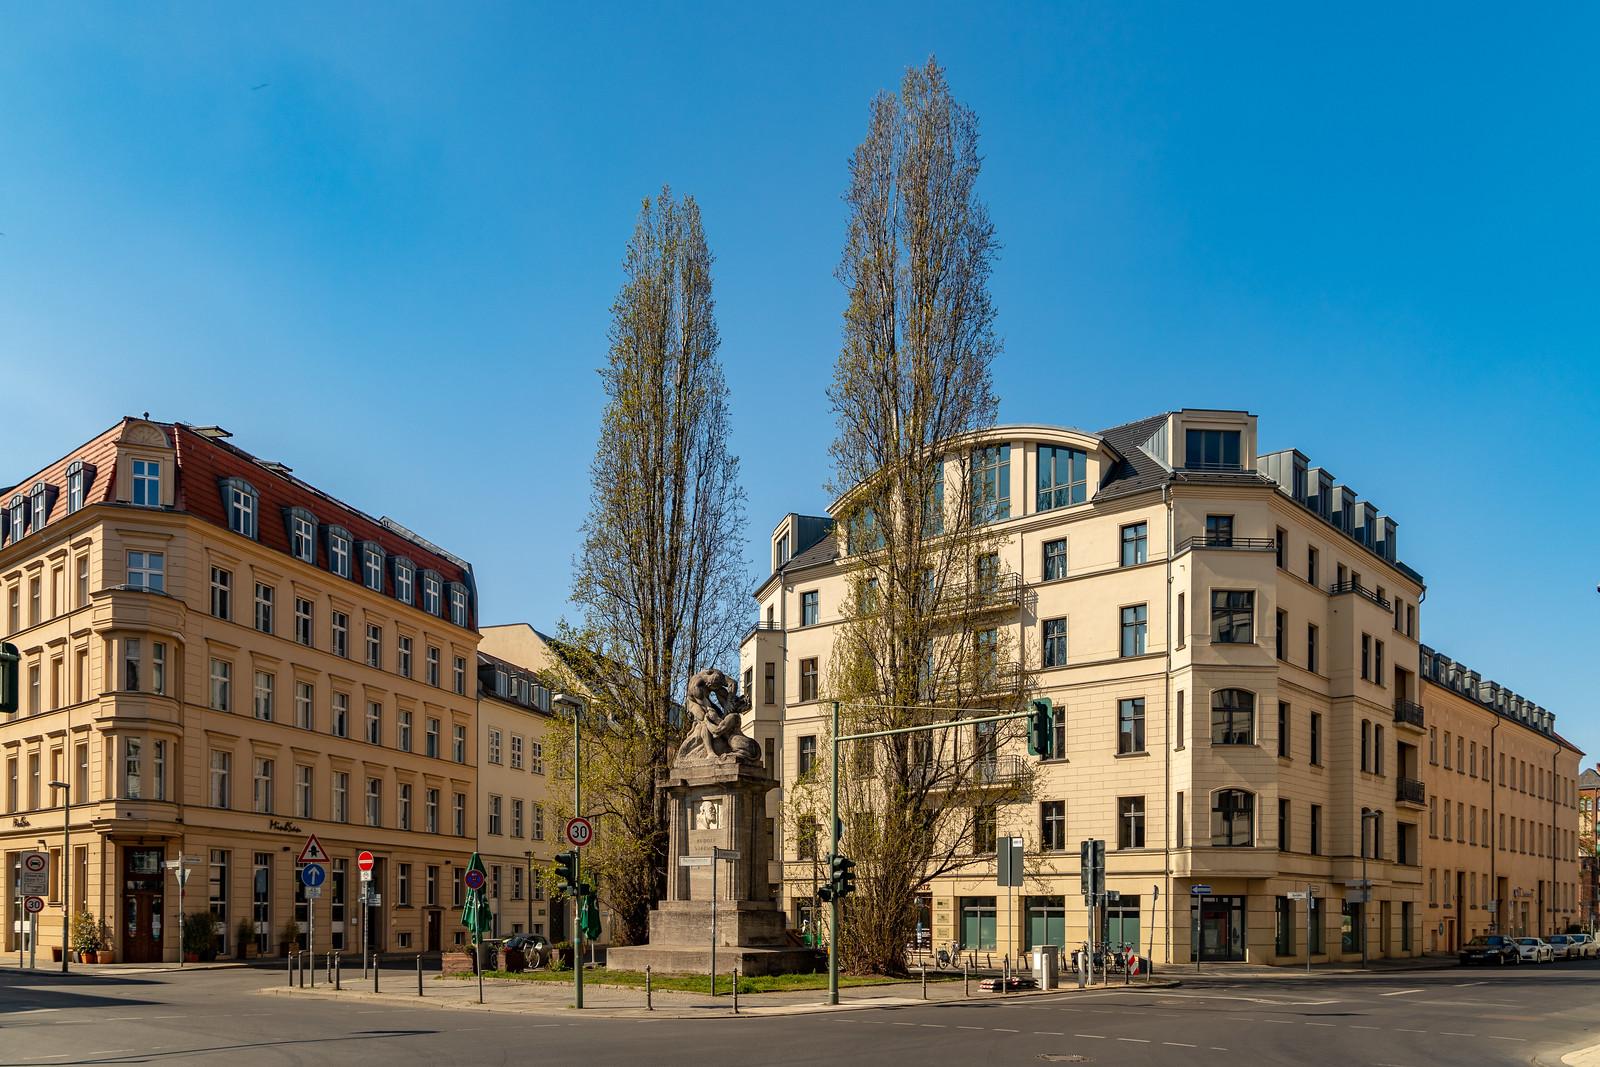 Am Karlplatz